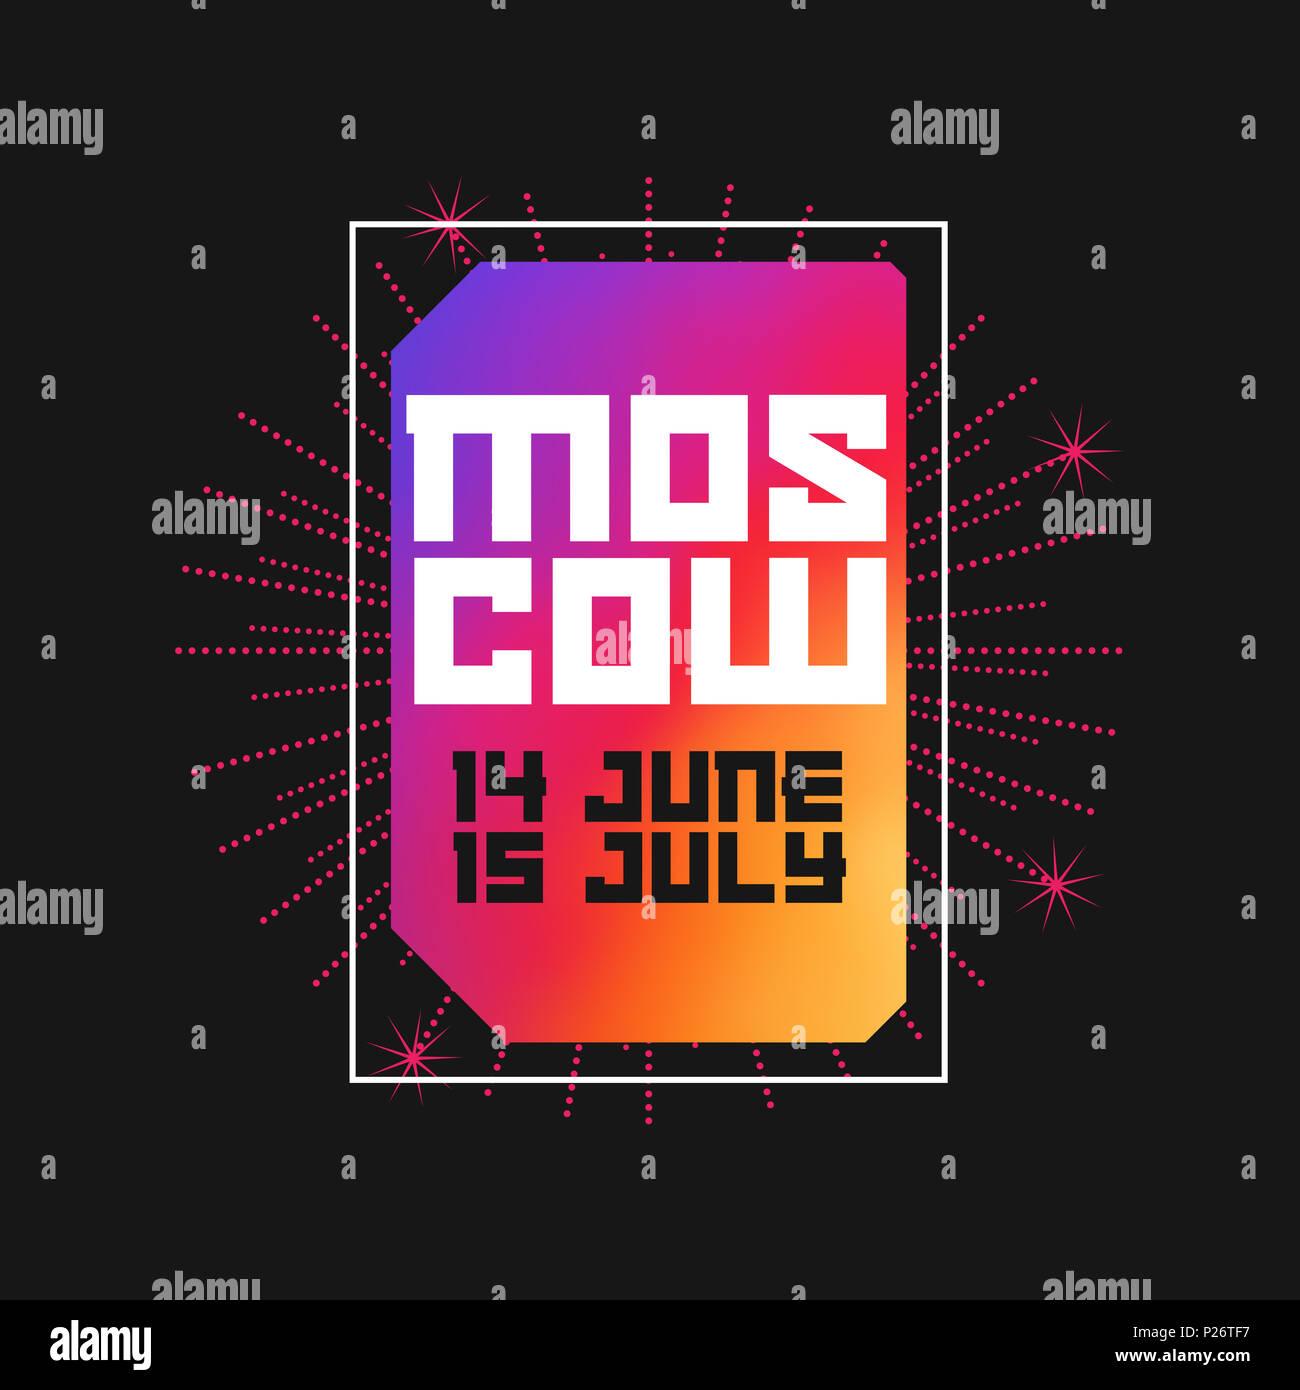 Moskau, 14. Juni - 15. Juli 2018. Moderne Kunst Rahmen. Vorlage für ...